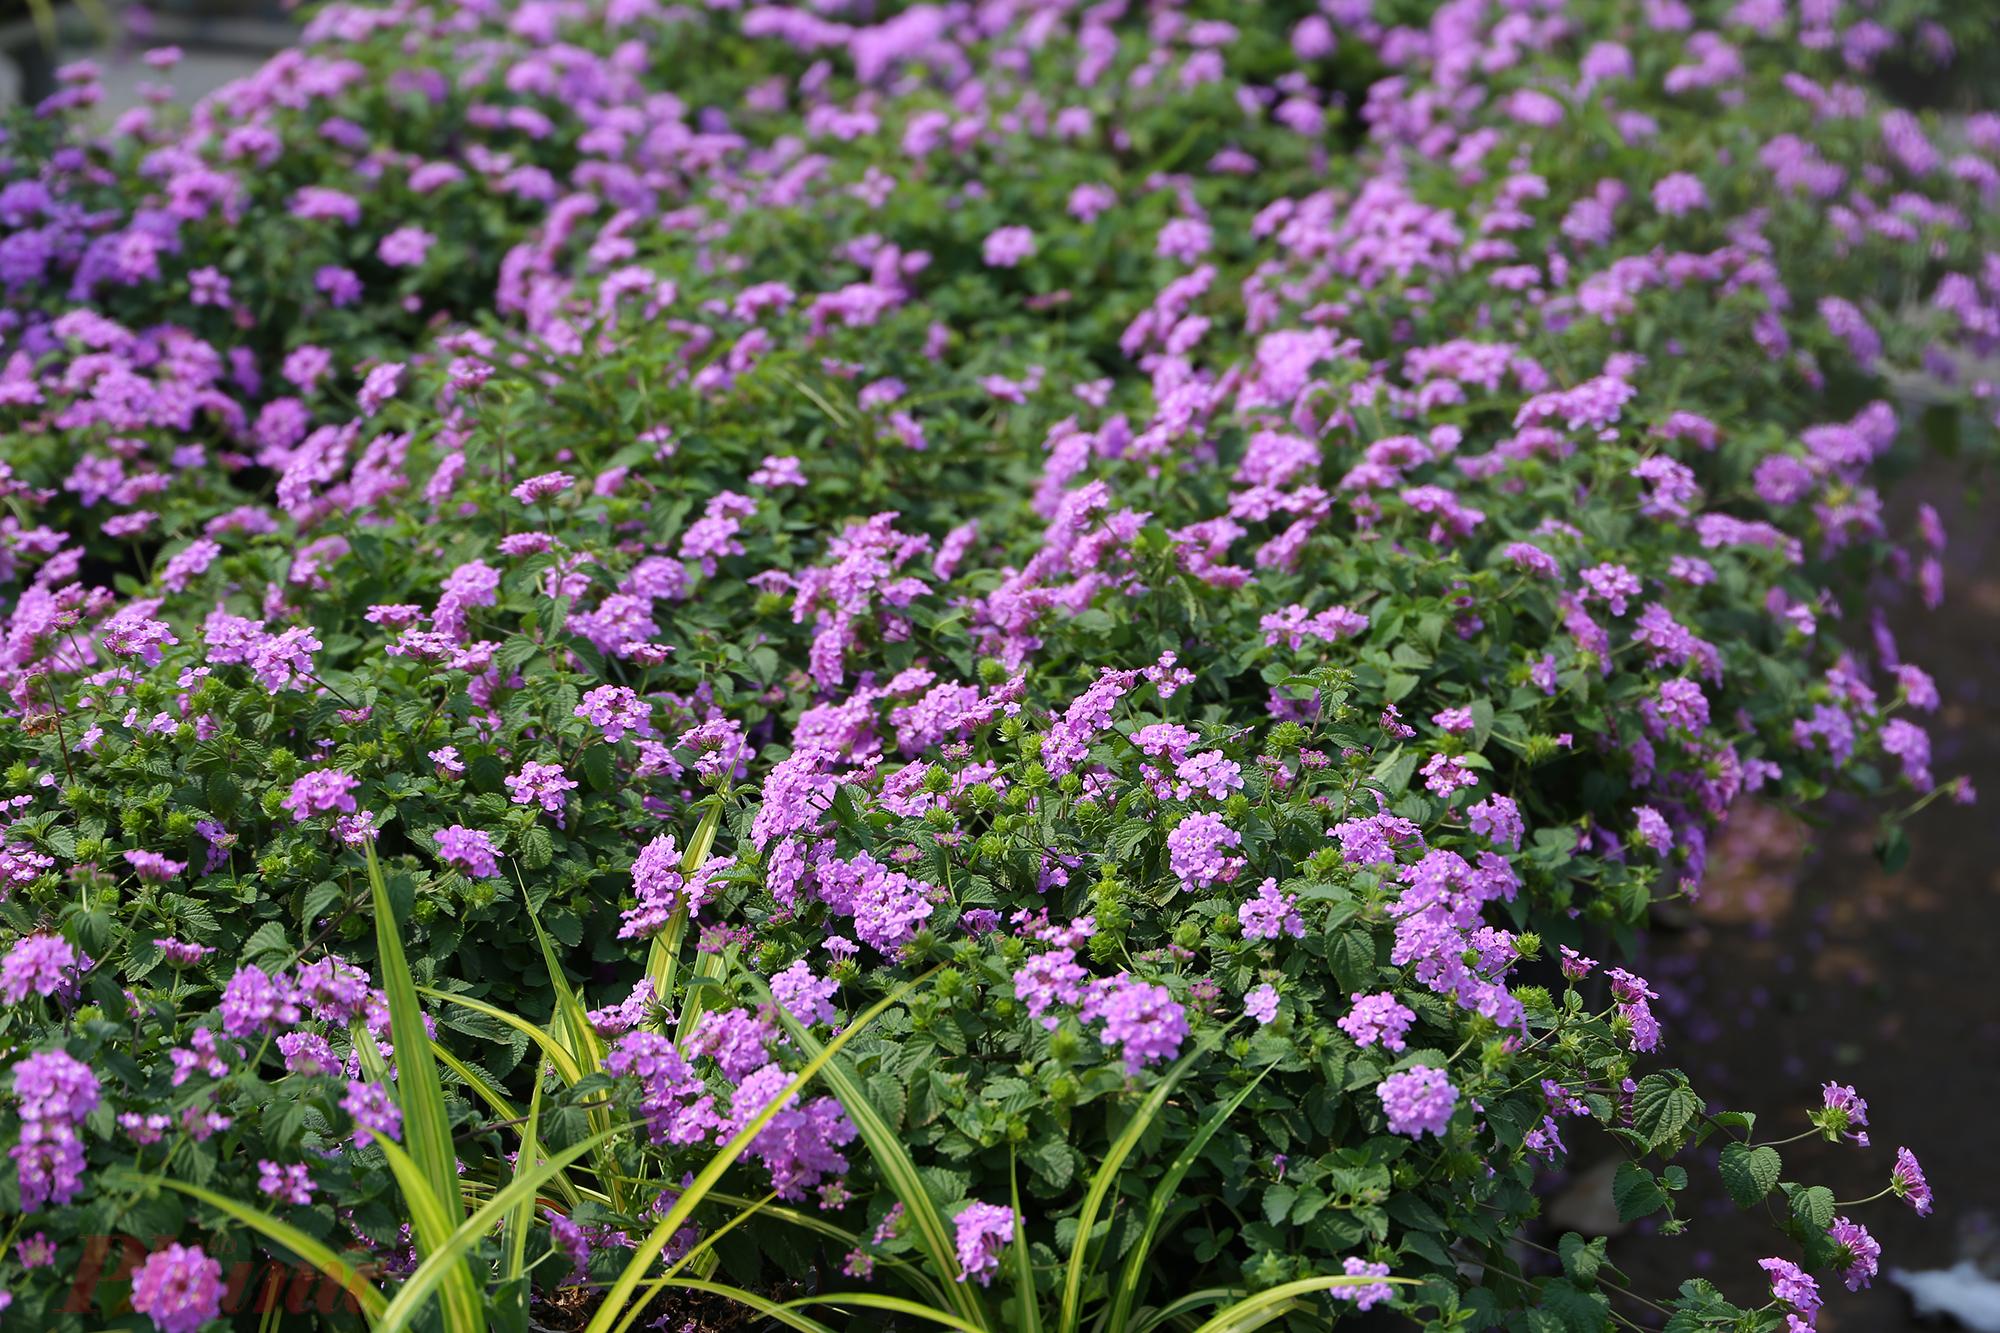 Giống hoa trâm ổi màu tím khiến nhiều du khách thích thú, dừng chân ngắm, chụp ảnh cùng.